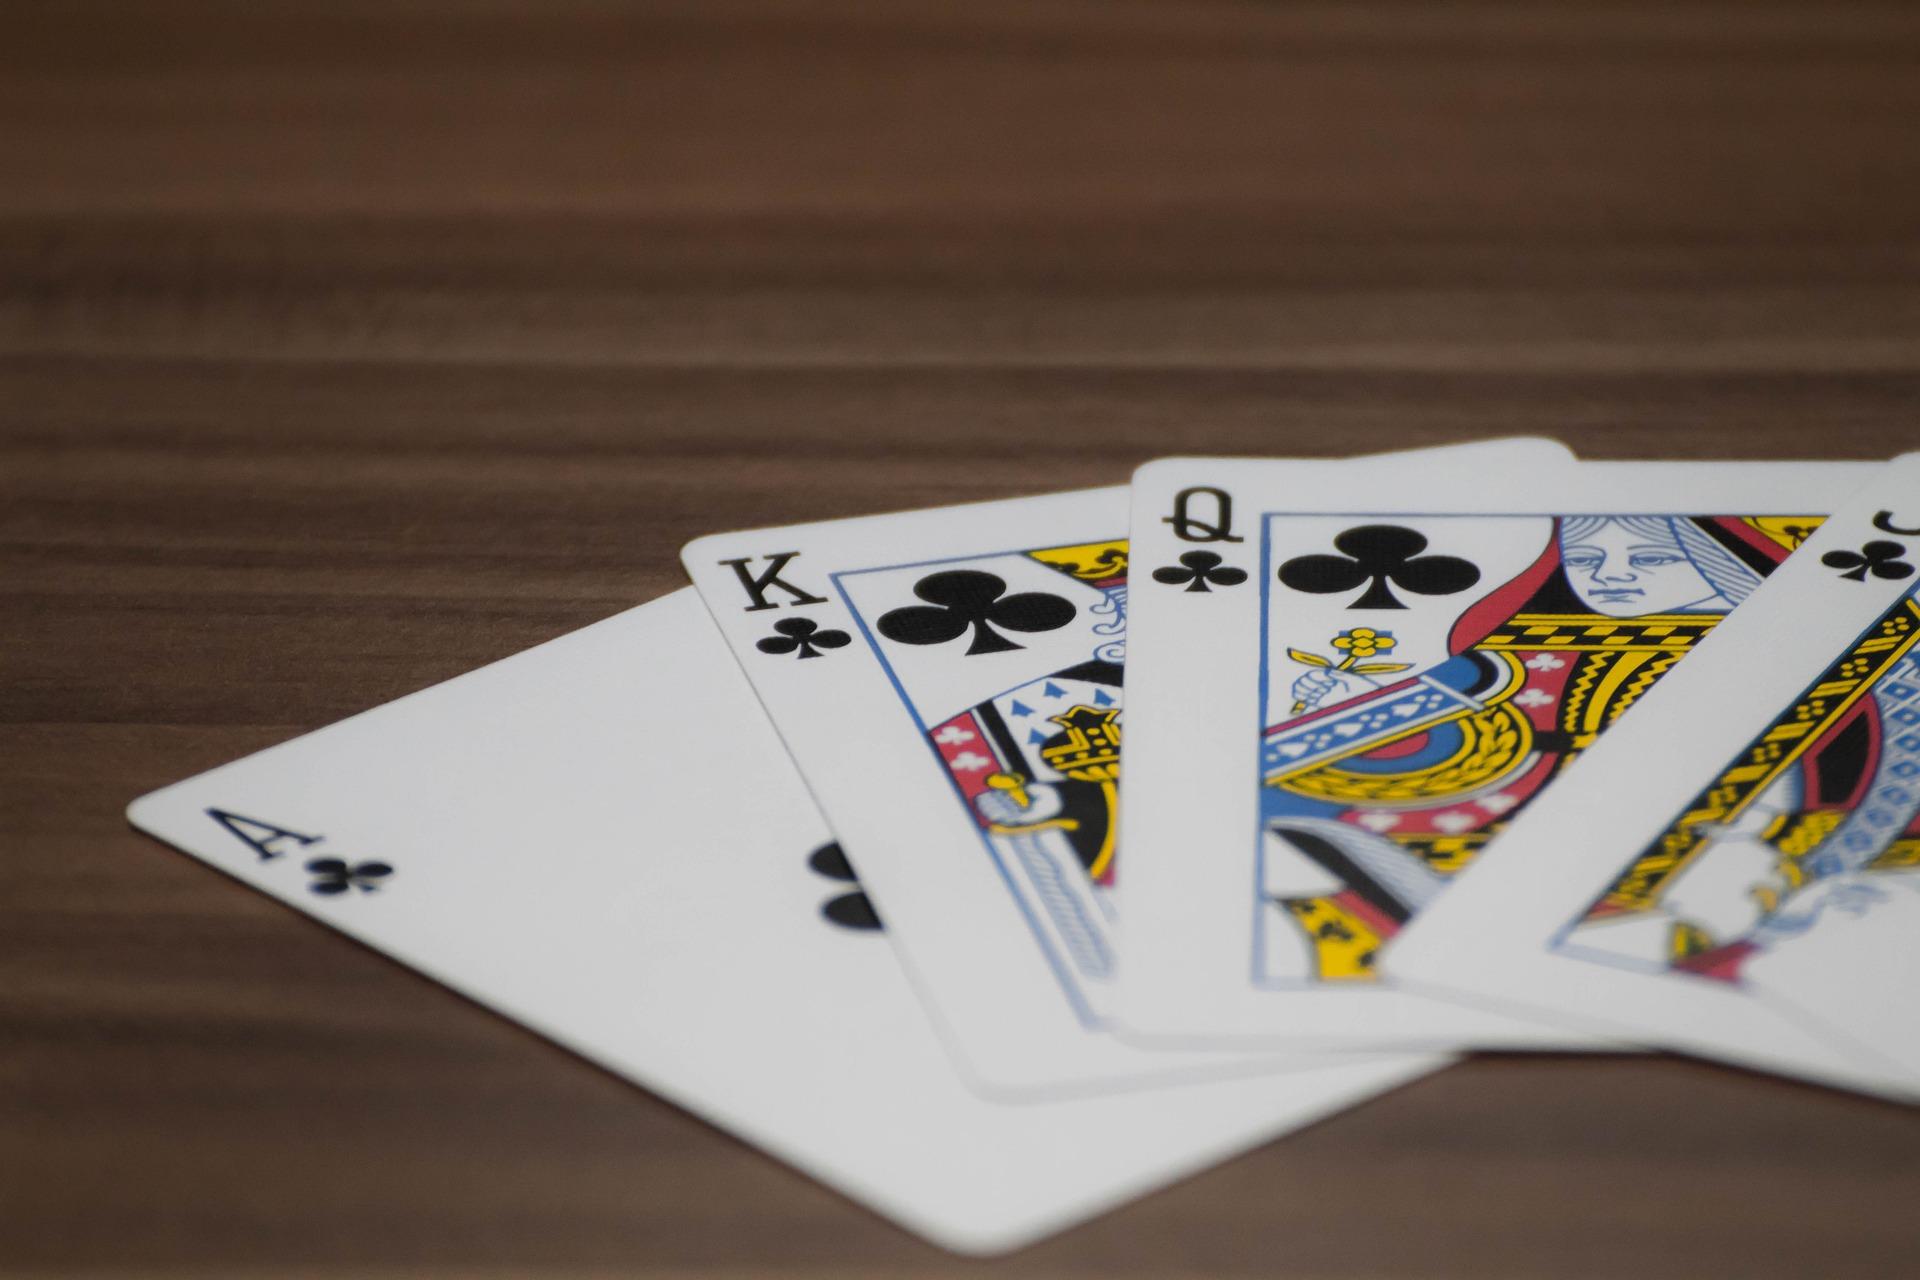 Название карточных игр в казино играть в игру игровые автоматы бесплатно вокруг света